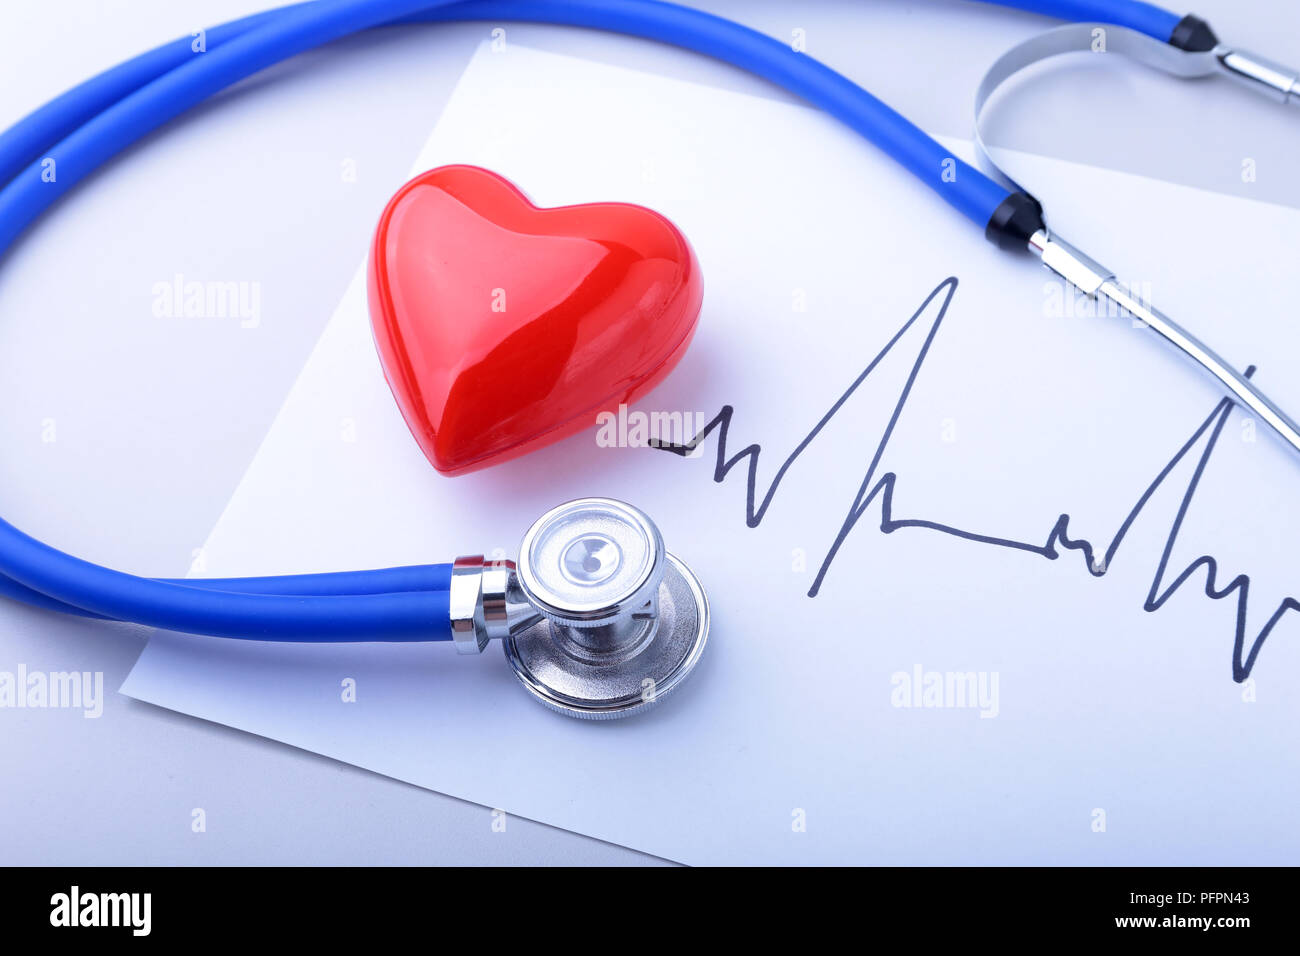 Medizinische Stethoskop und rotes Herz mit elektrokardiogramm isoliert auf Weiss. medizinischen Konzept Stockfoto